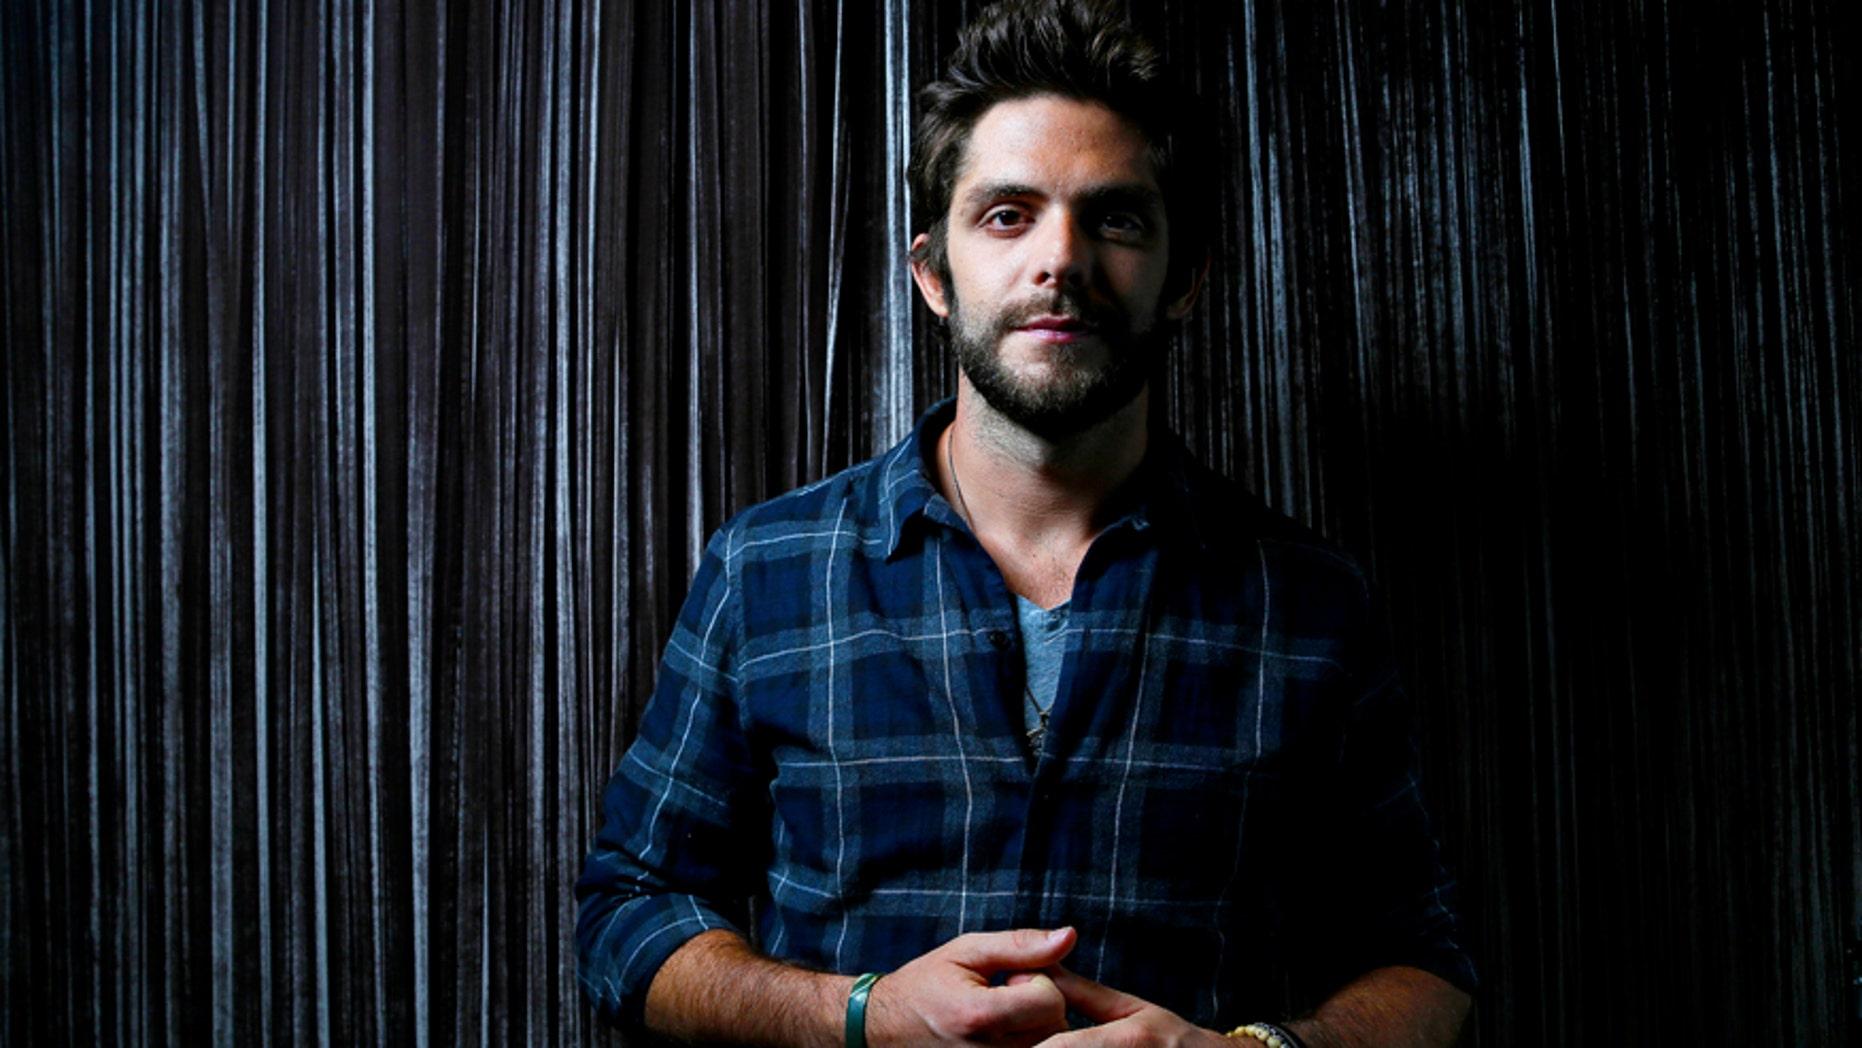 In this Sept. 15, 2015 file photo, country singer Thomas Rhett poses for a photo at Sinema Restaurant & Bar in Nashville, Tenn.